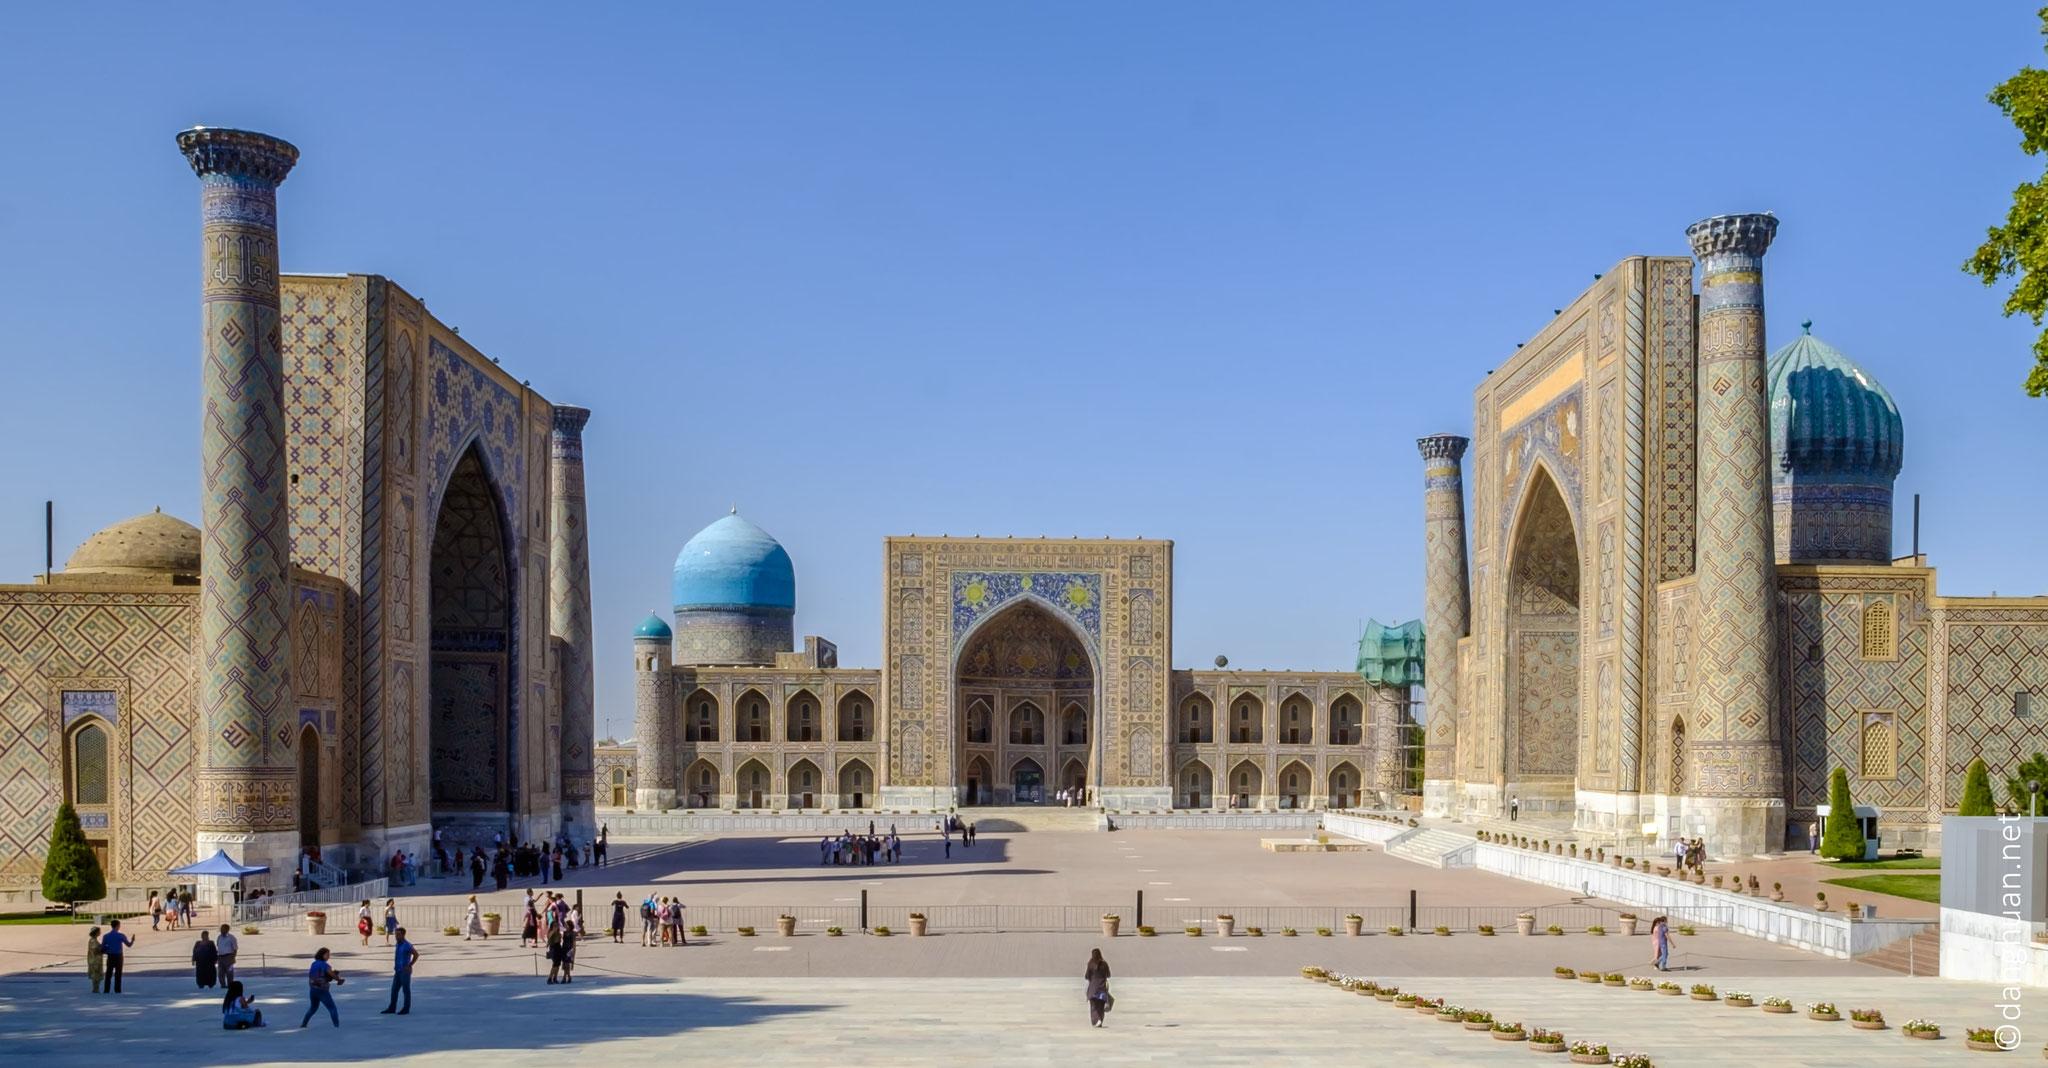 Le Régistan, ou Réghistan (Place de sable), depuis le XIVème siècle est l'ancien cœur de la ville de Samarcande. Restauré dans sa splendeur originelle, il est le plus grandiose de l'Asie centrale et l'un des plus beaux de l'islam